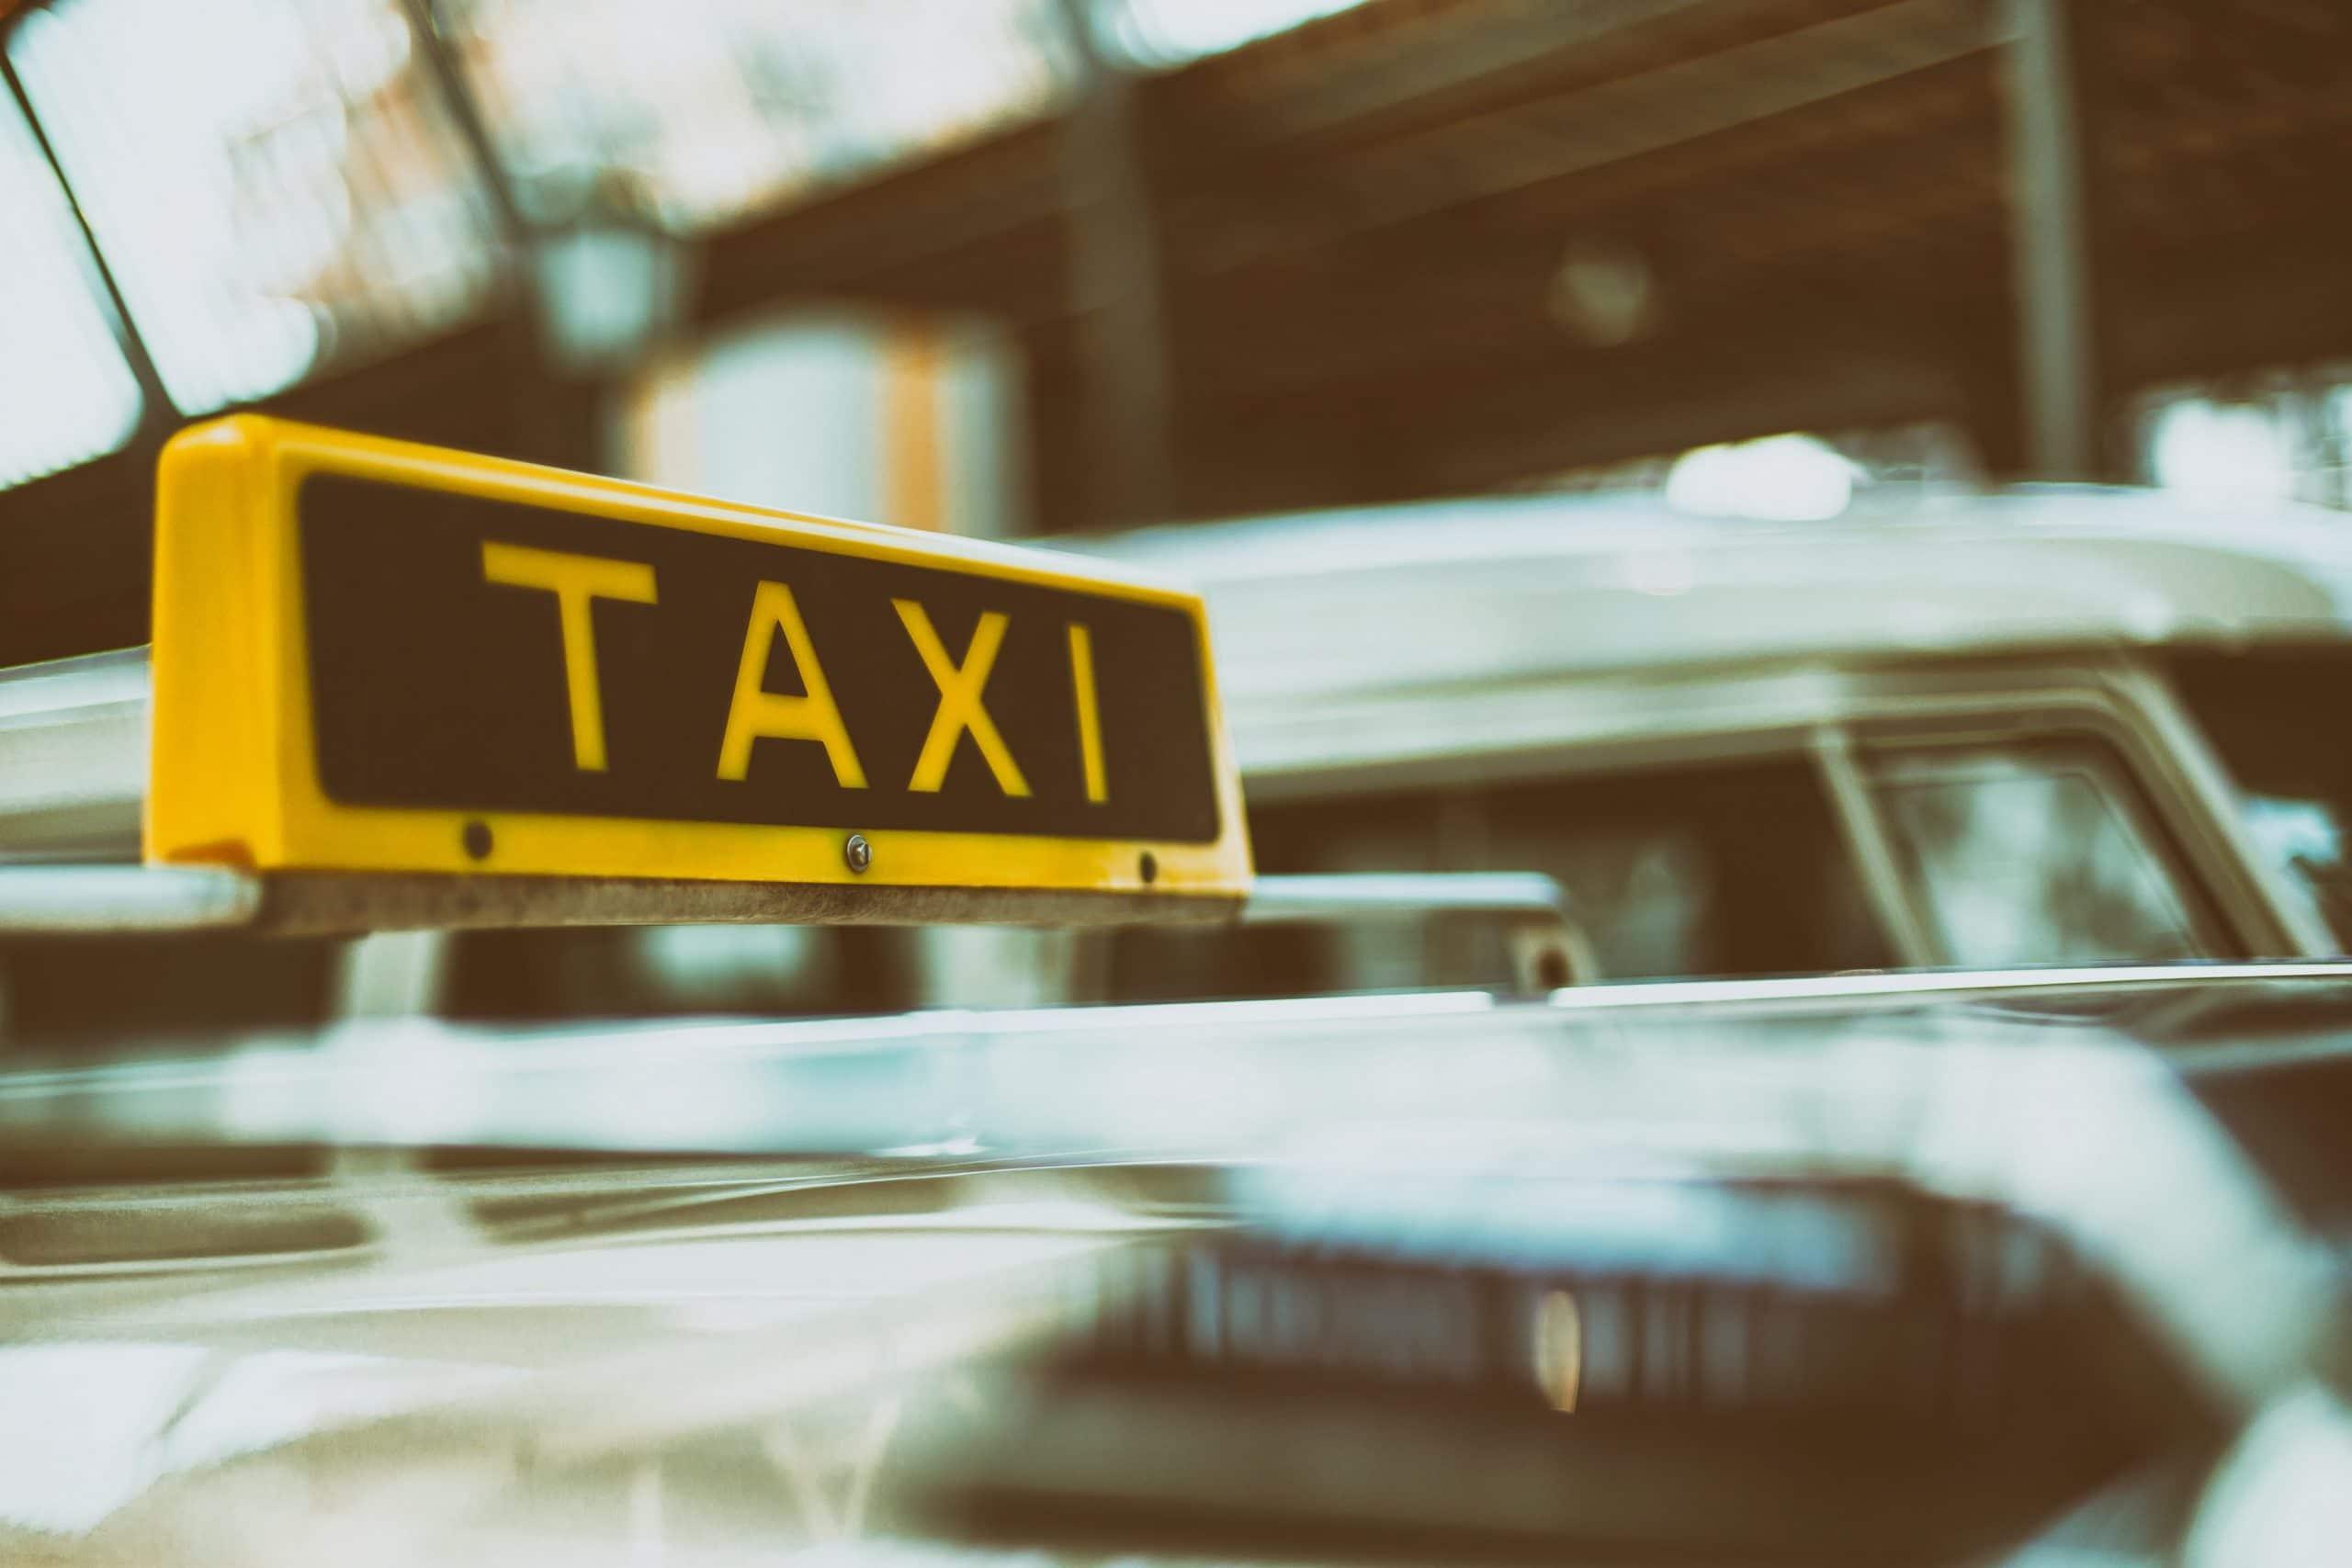 Toit d'un taxi avec enseigne jaune